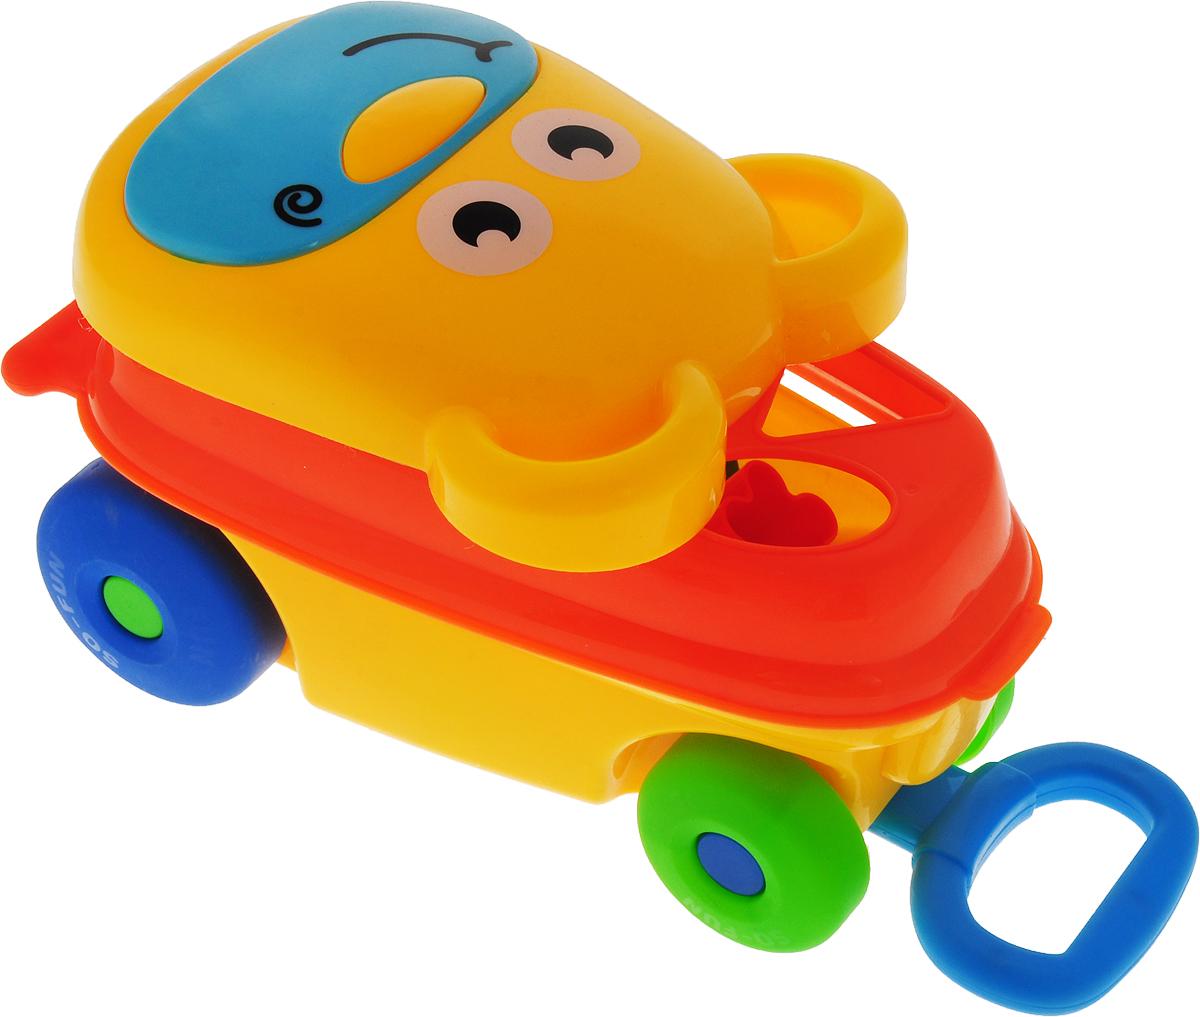 Каталка-сортер Умные игрушки Мишка цвет желтый оранжевый каталки игрушки mertens каталка обезьянка